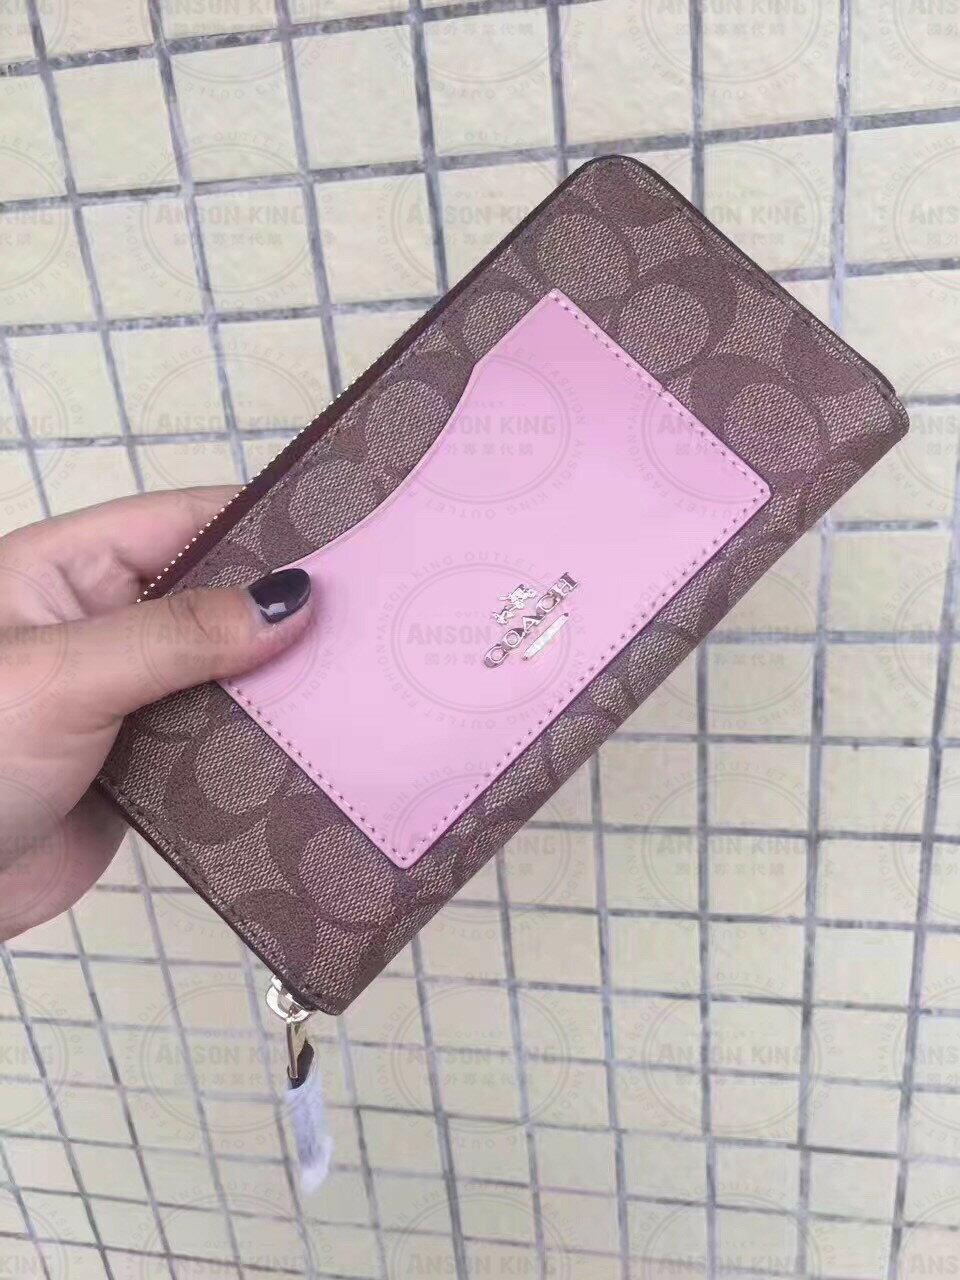 美國Outlet代購 Coach 全新正品 F57318 歐普印花口袋拚色拉鍊長夾 粉色 零錢包 手拿包 皮包 多色可選